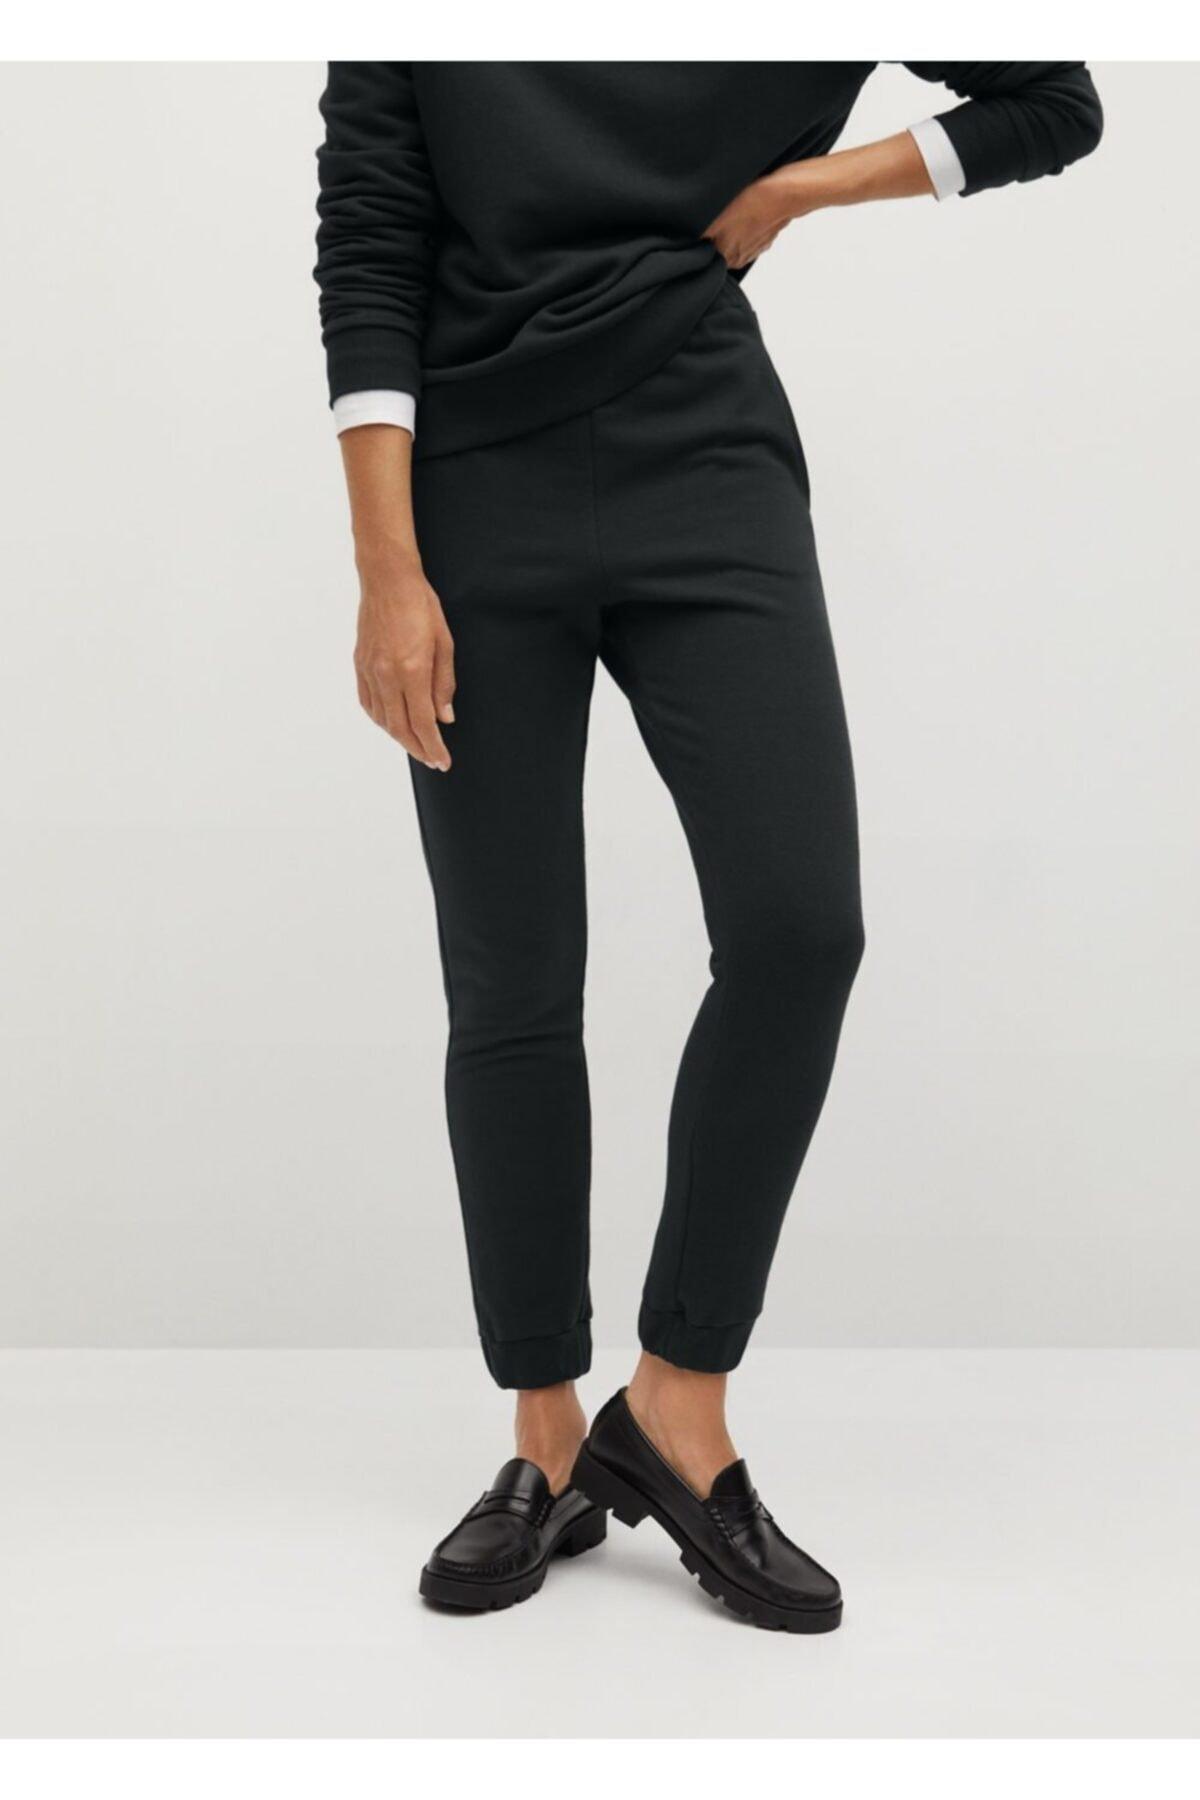 MANGO Woman Kadın Siyah Jogger Tarz Pamuklu Pantolon 1